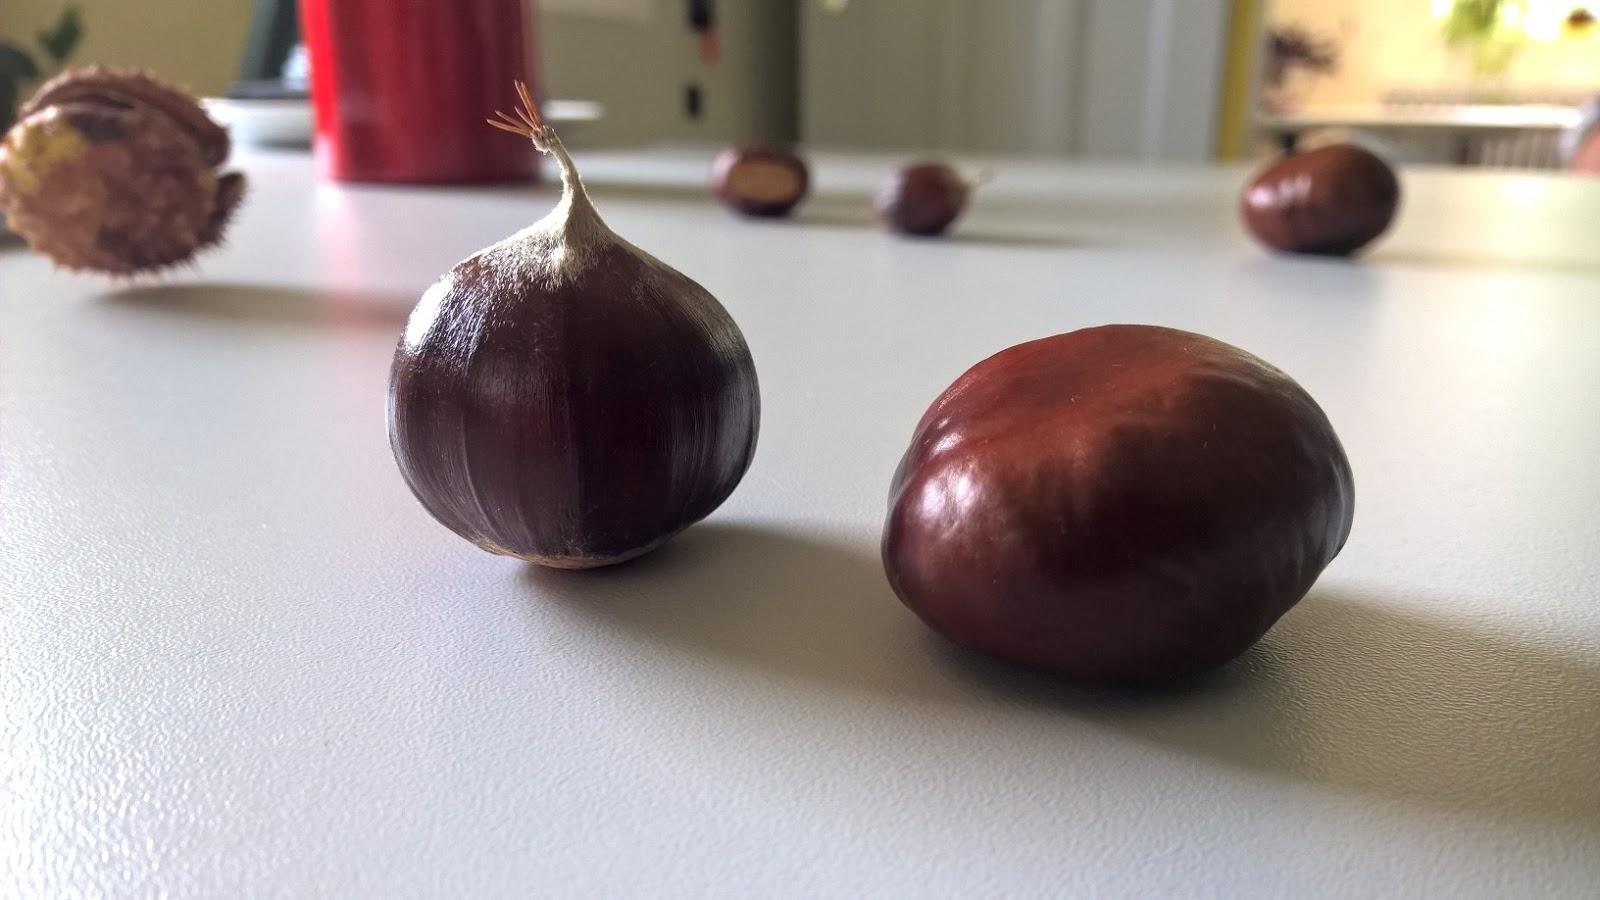 lesmainsvertesblogspot diff233rences marron et ch226taigne